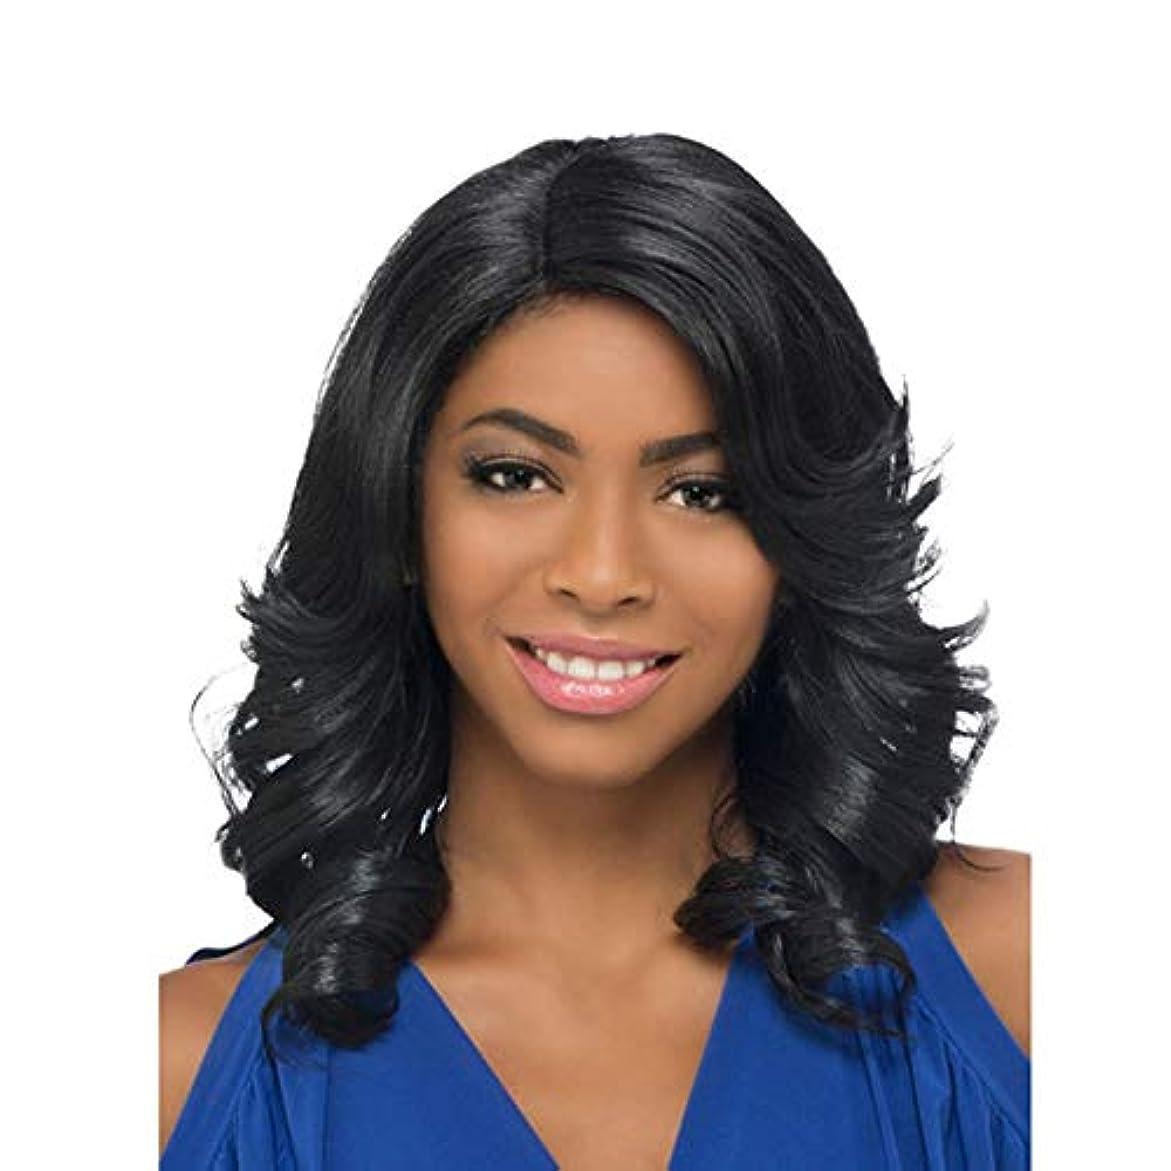 爆発キリンラショナルWASAIO 女性の長いストレートの髪のかつら肩の長さの前髪と波状 (色 : 黒)